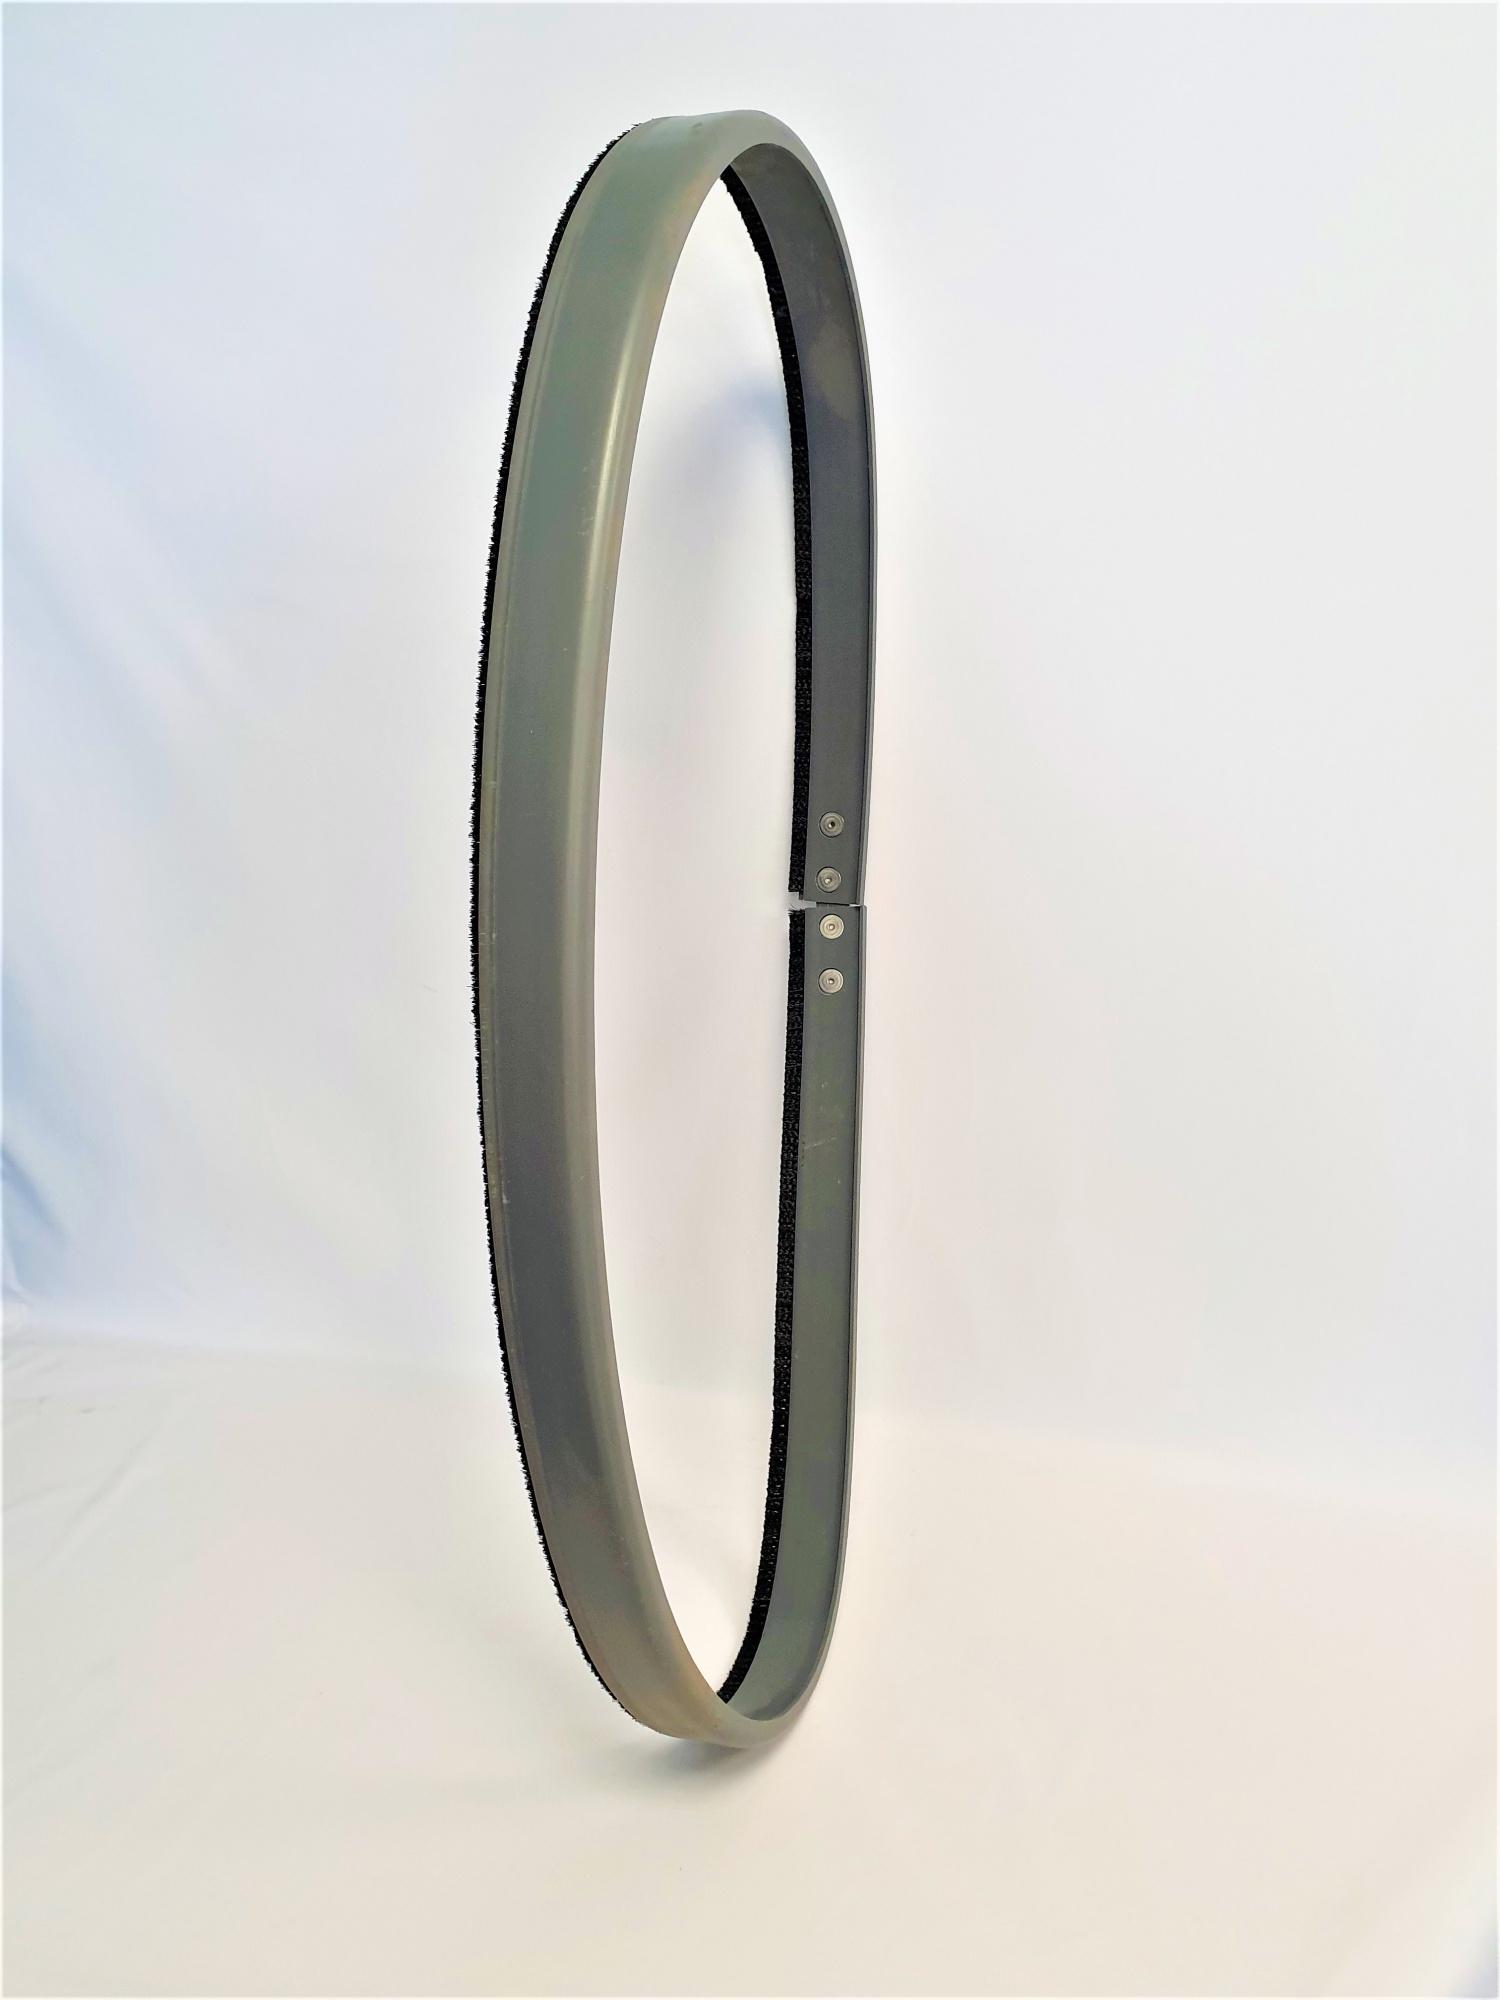 Ceinture de brosse pour Autolaveuse TENNANT T5 / 70